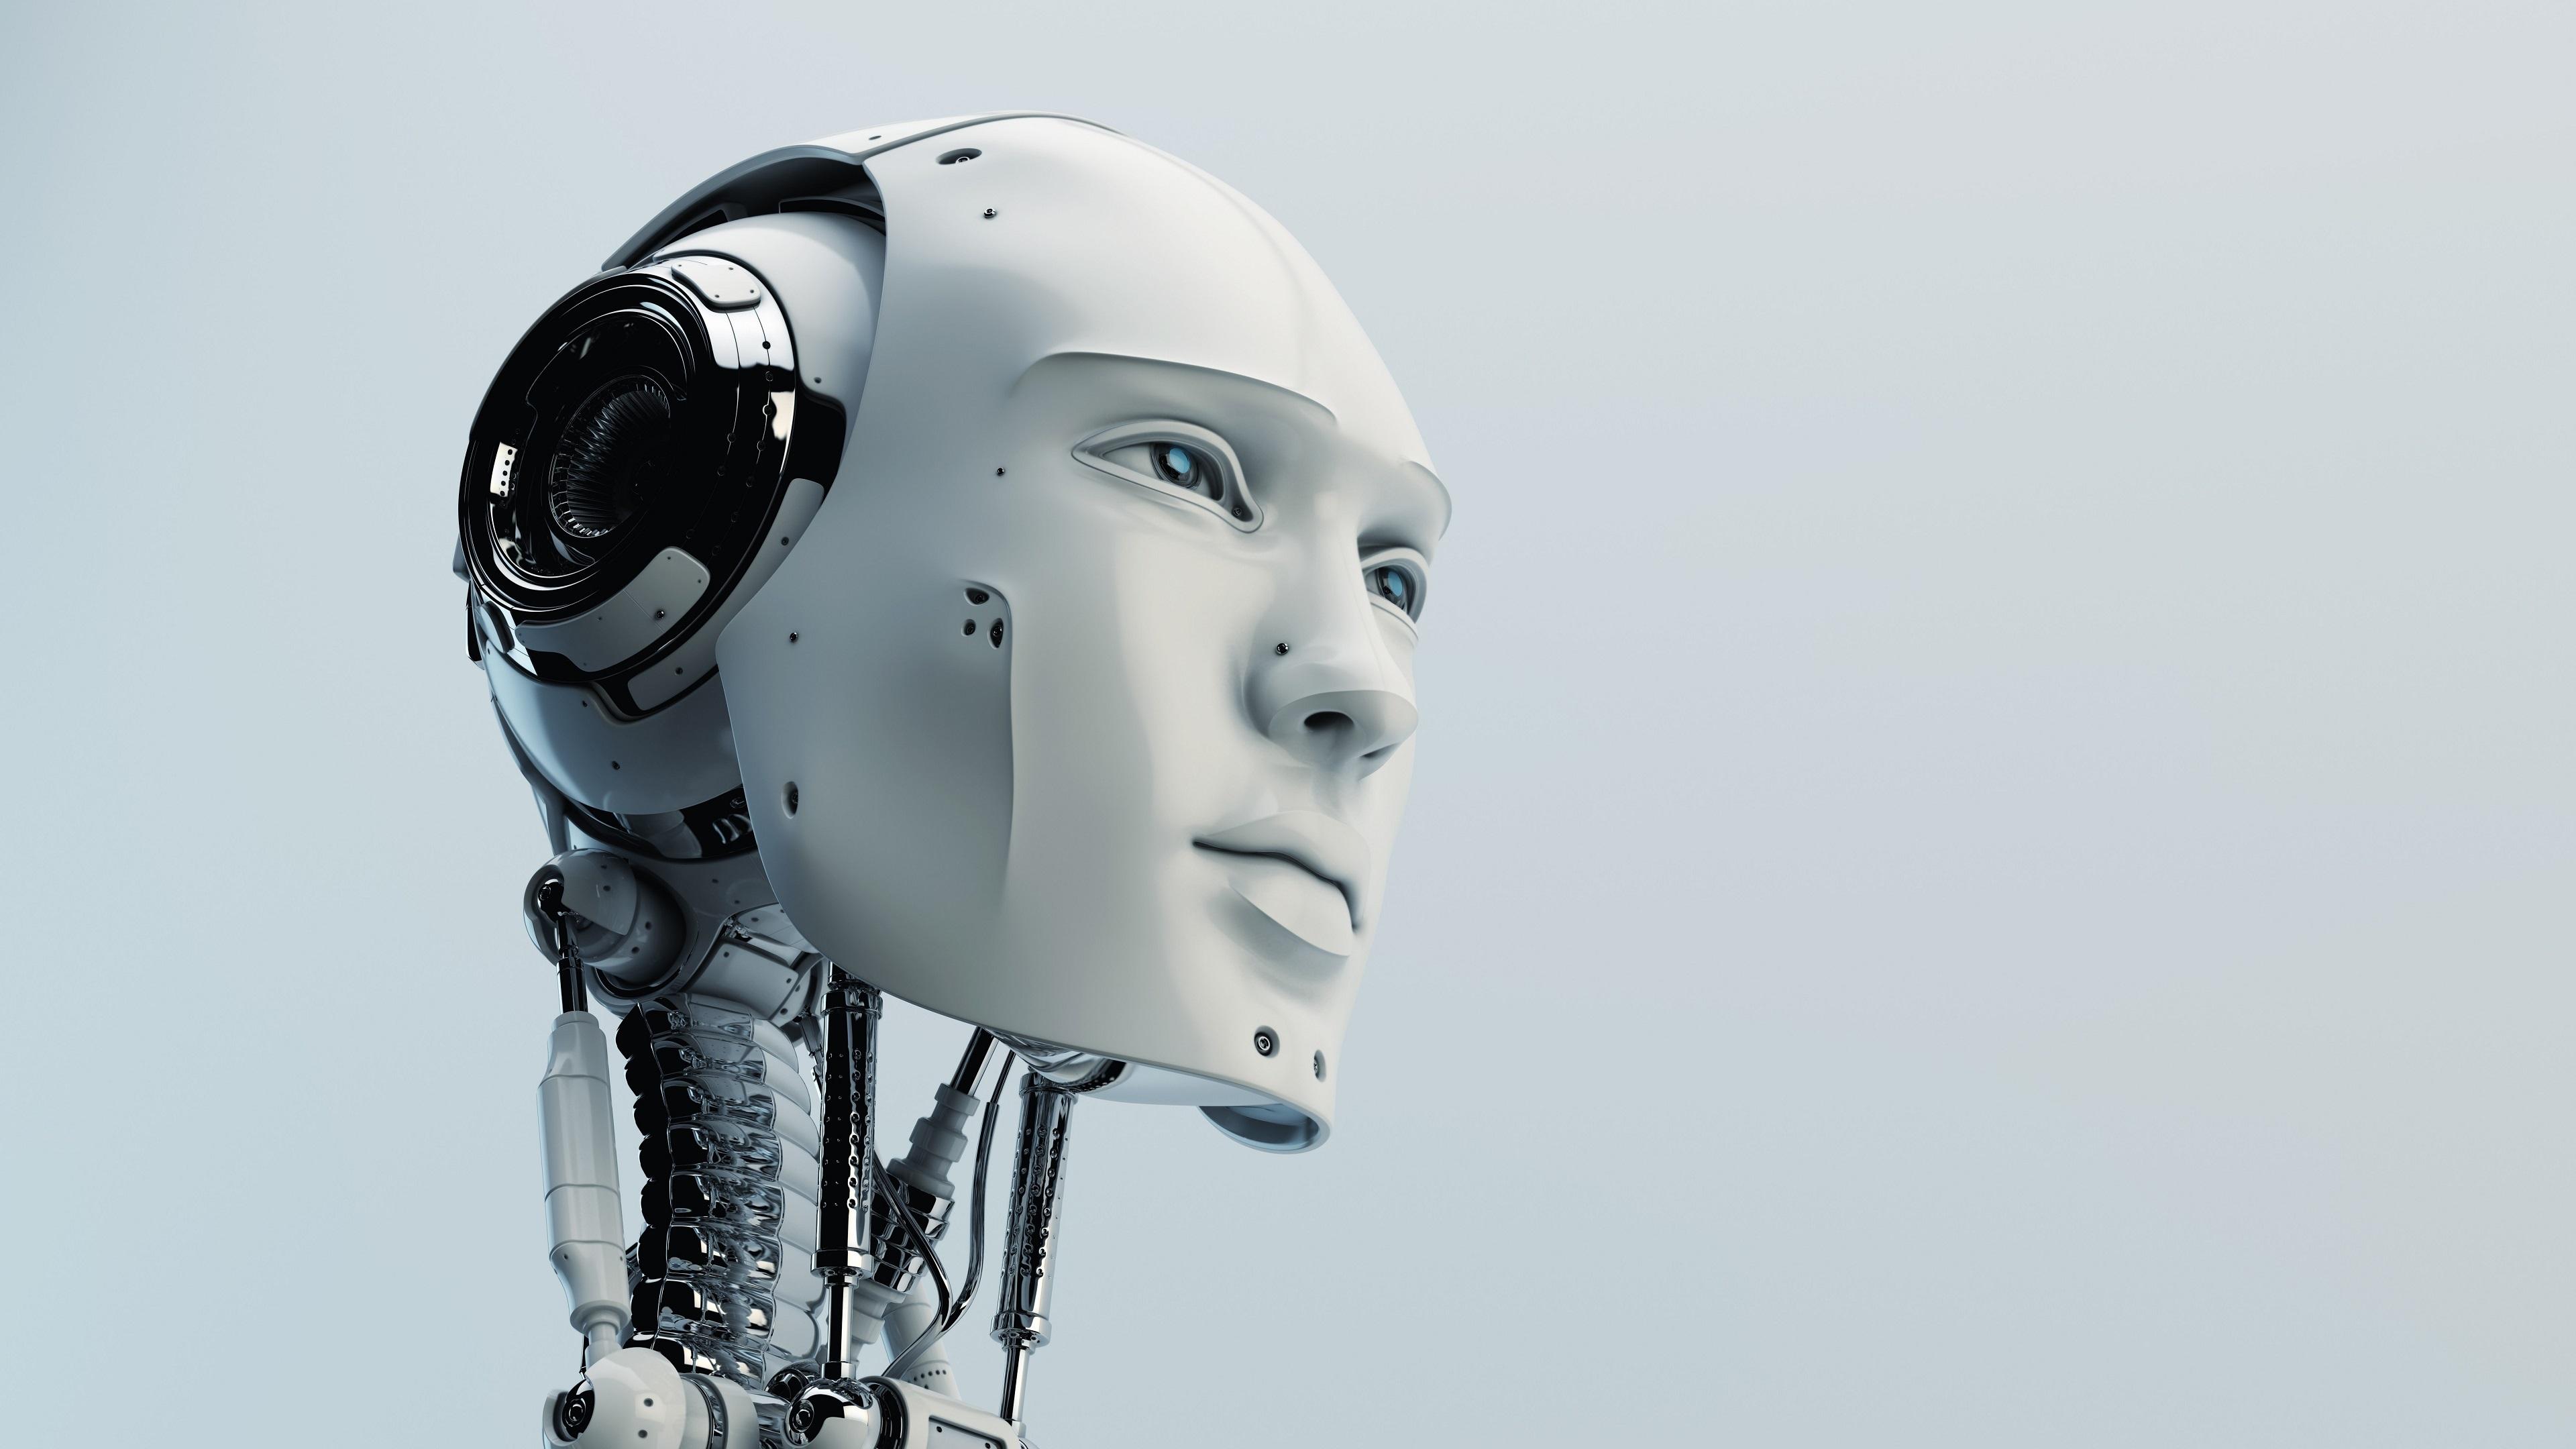 Wallpaper Robot humanoid head high tech 3840x2160 UHD 4K 3840x2160